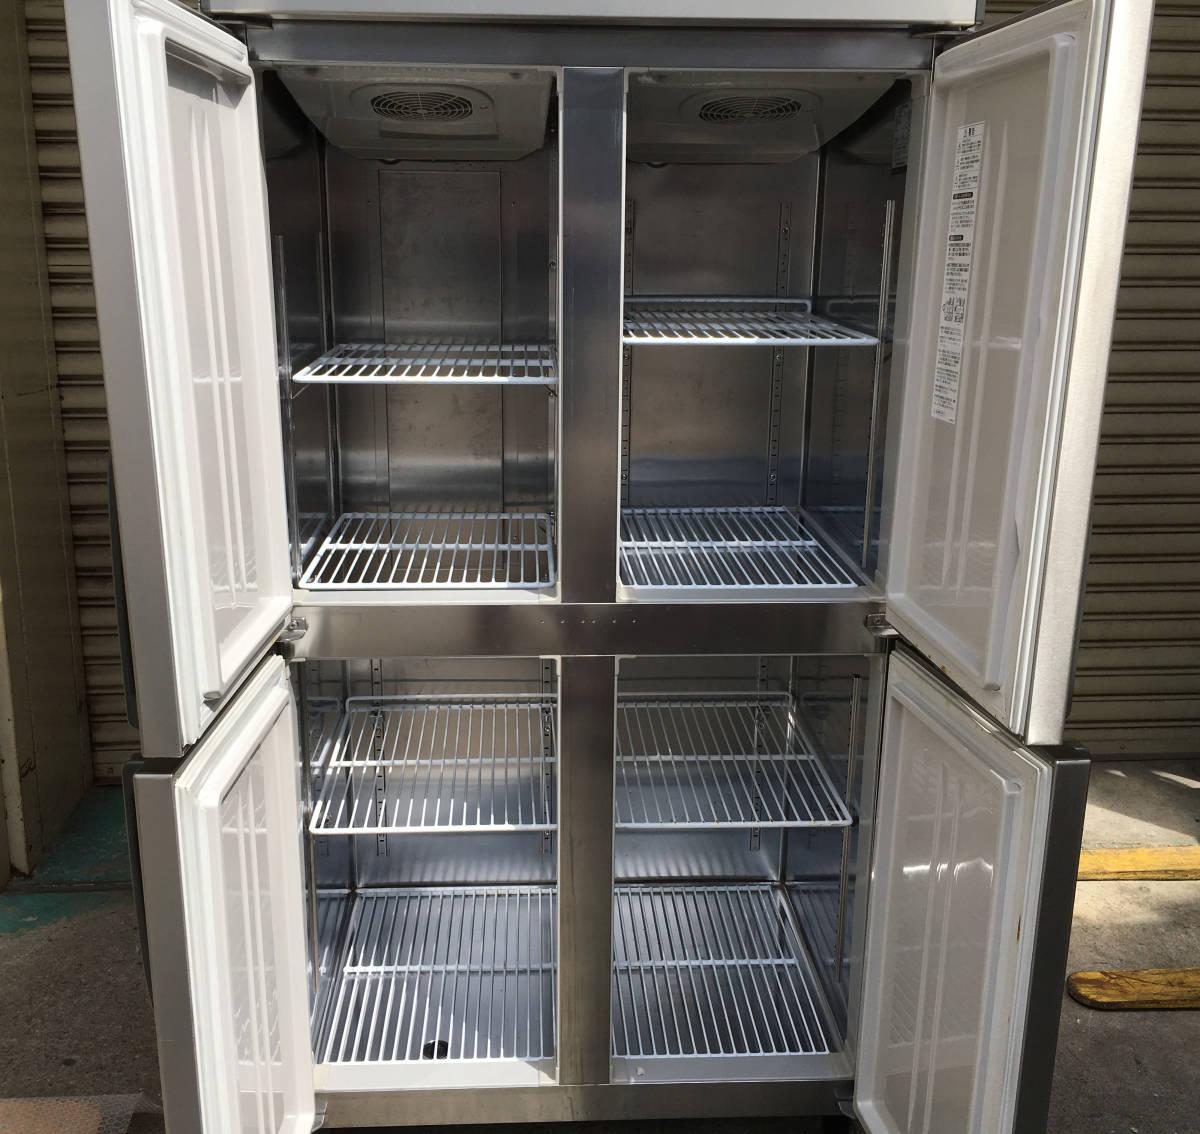 ◎送料無料地域有(一部負担)◎ホシザキ 4ドア冷凍冷蔵庫◎2016年製◎W900×D650◎冷凍1室冷蔵3室_画像4